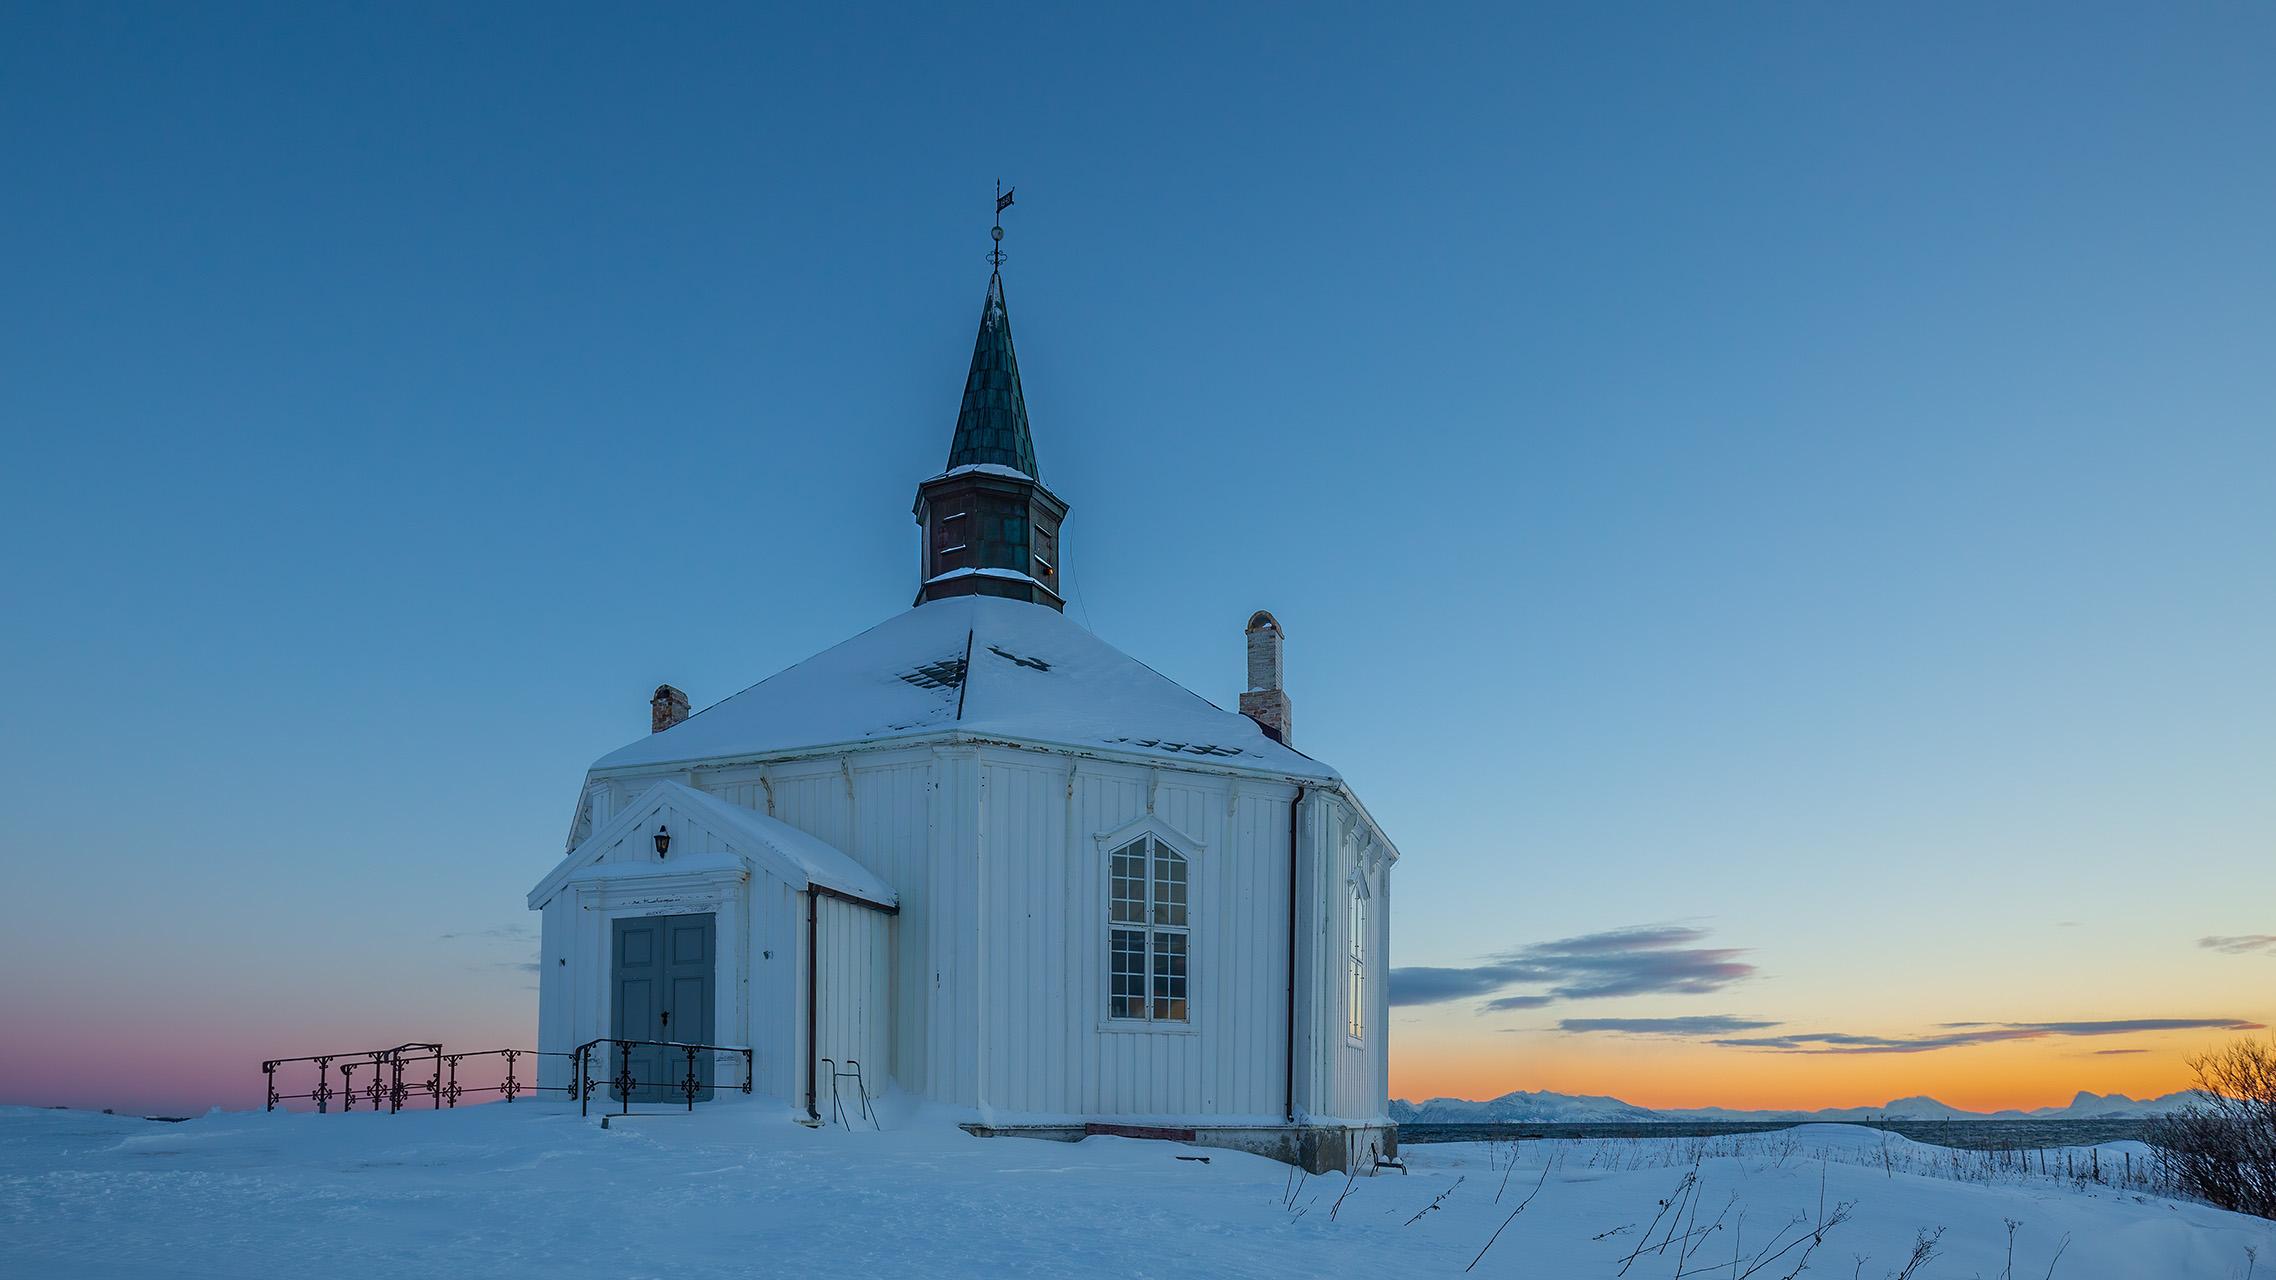 De parochiekerk van Dverberg is een octogonale der die in 1843 gebouwd is. Het gebouw biedt ruimte aan 230 mensen. Locatie Noorwegen, Vesteralen, Dverberg